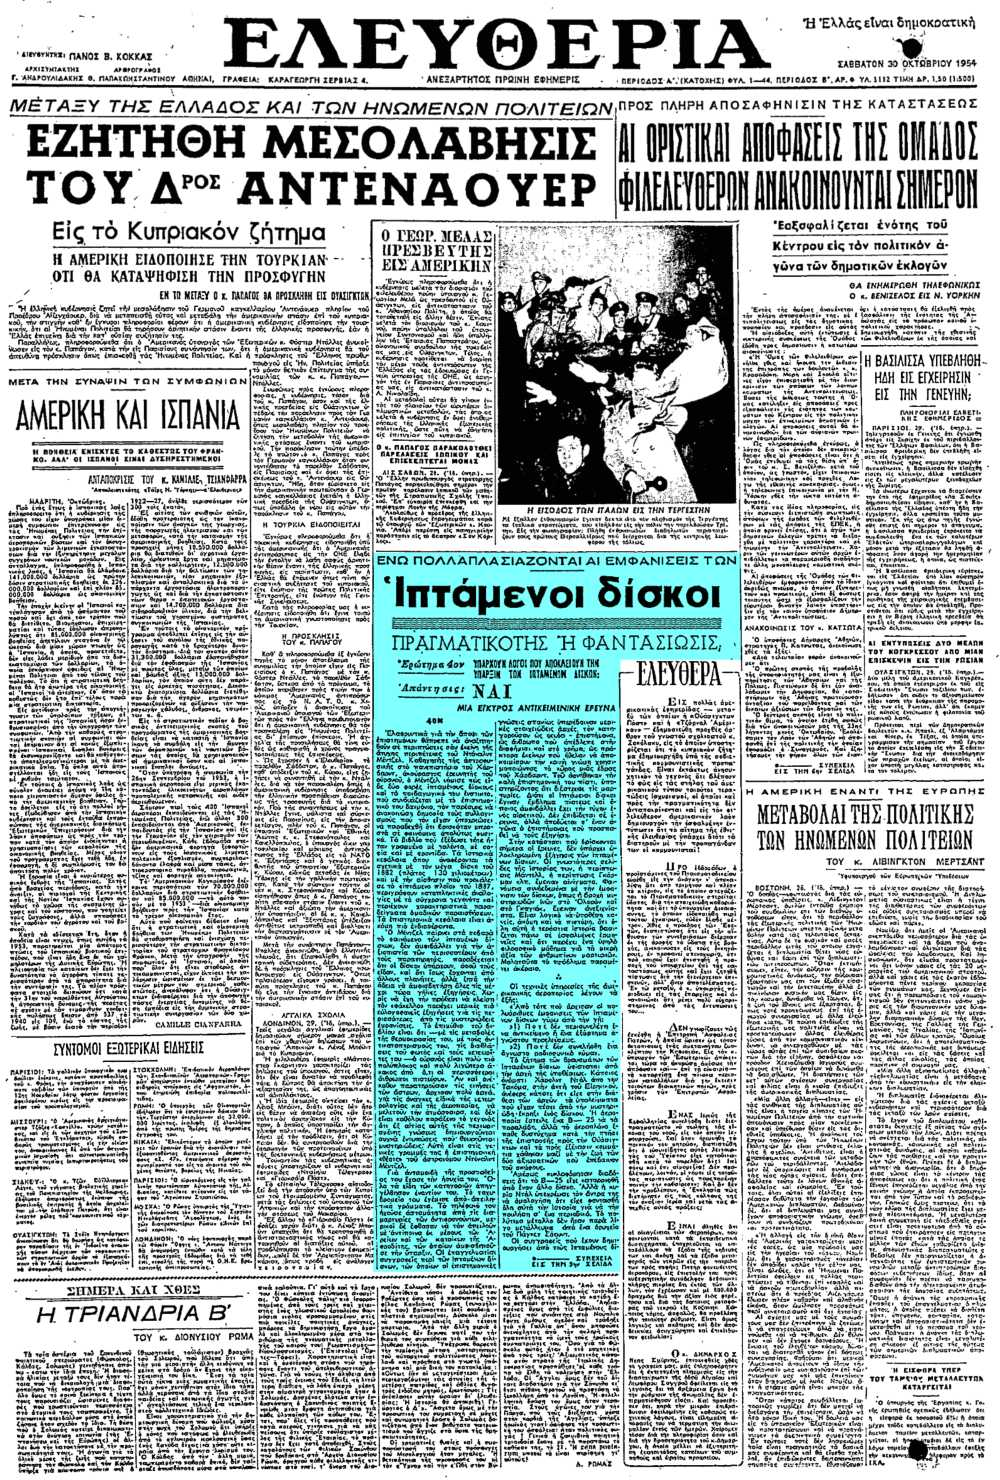 """Το άρθρο, όπως δημοσιεύθηκε στην εφημερίδα """"ΕΛΕΥΘΕΡΙΑ"""", στις 30/10/1954"""